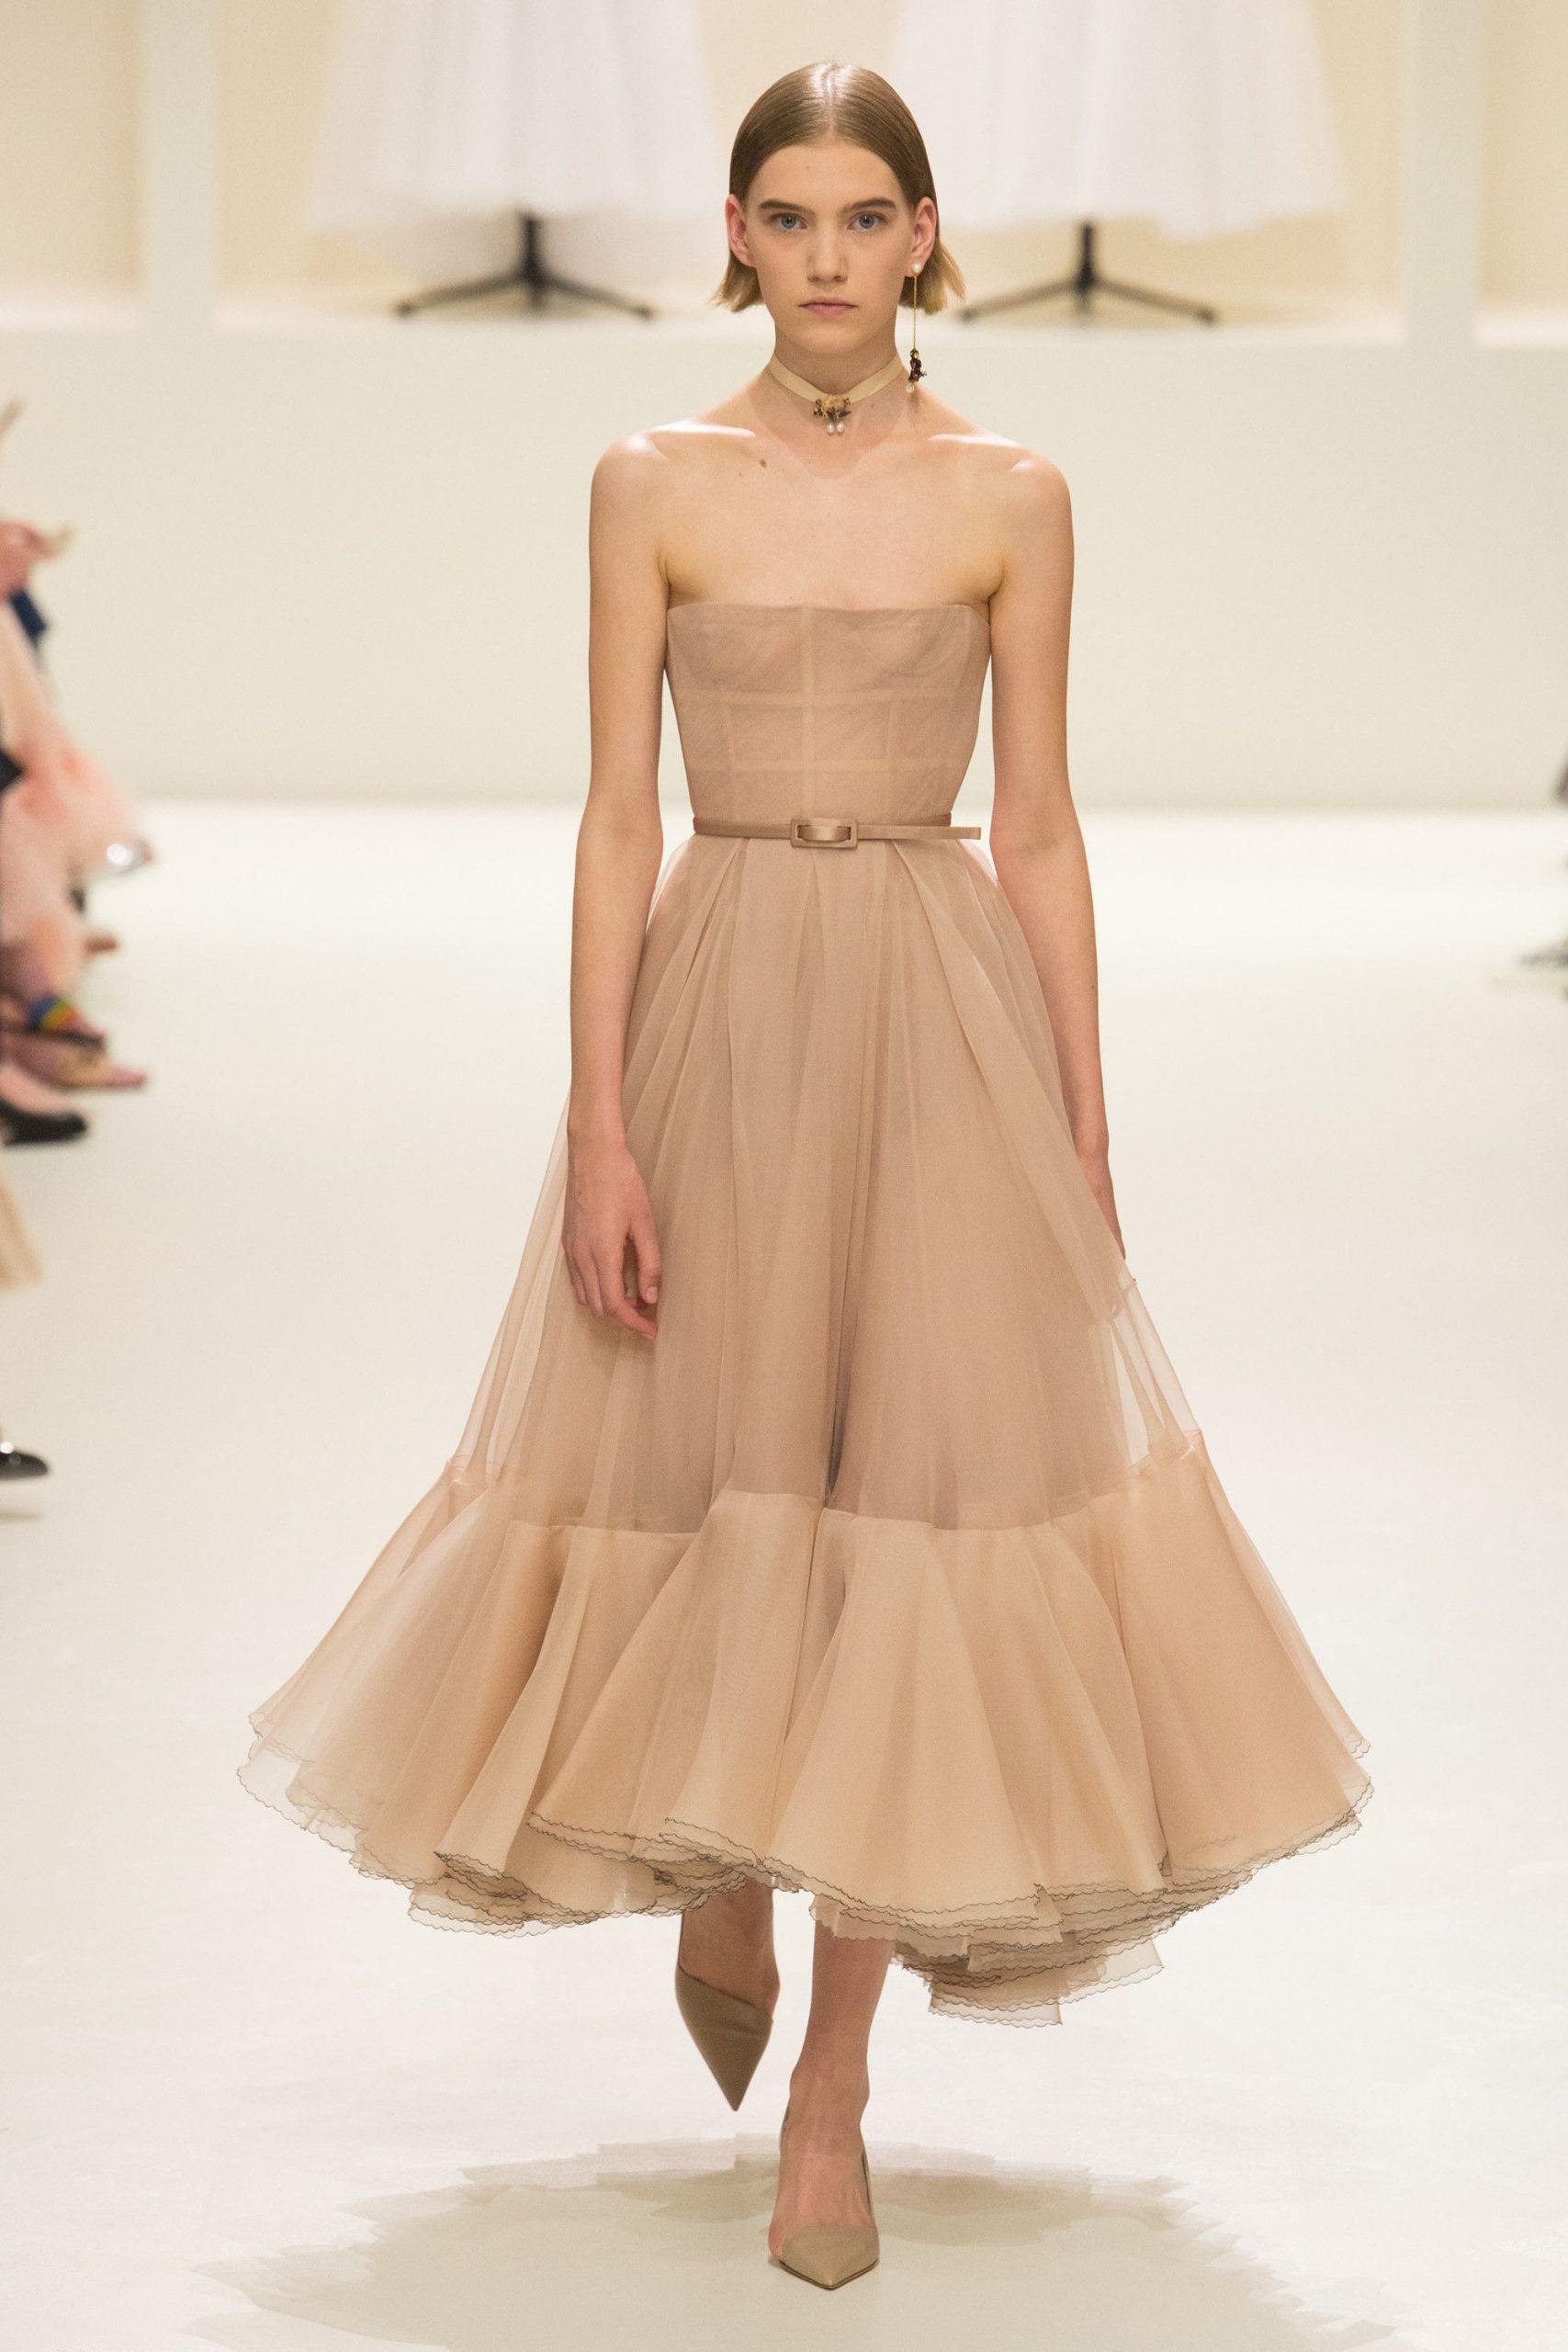 Designer Fantastisch Dior Abendkleid Bester Preis17 Kreativ Dior Abendkleid Design